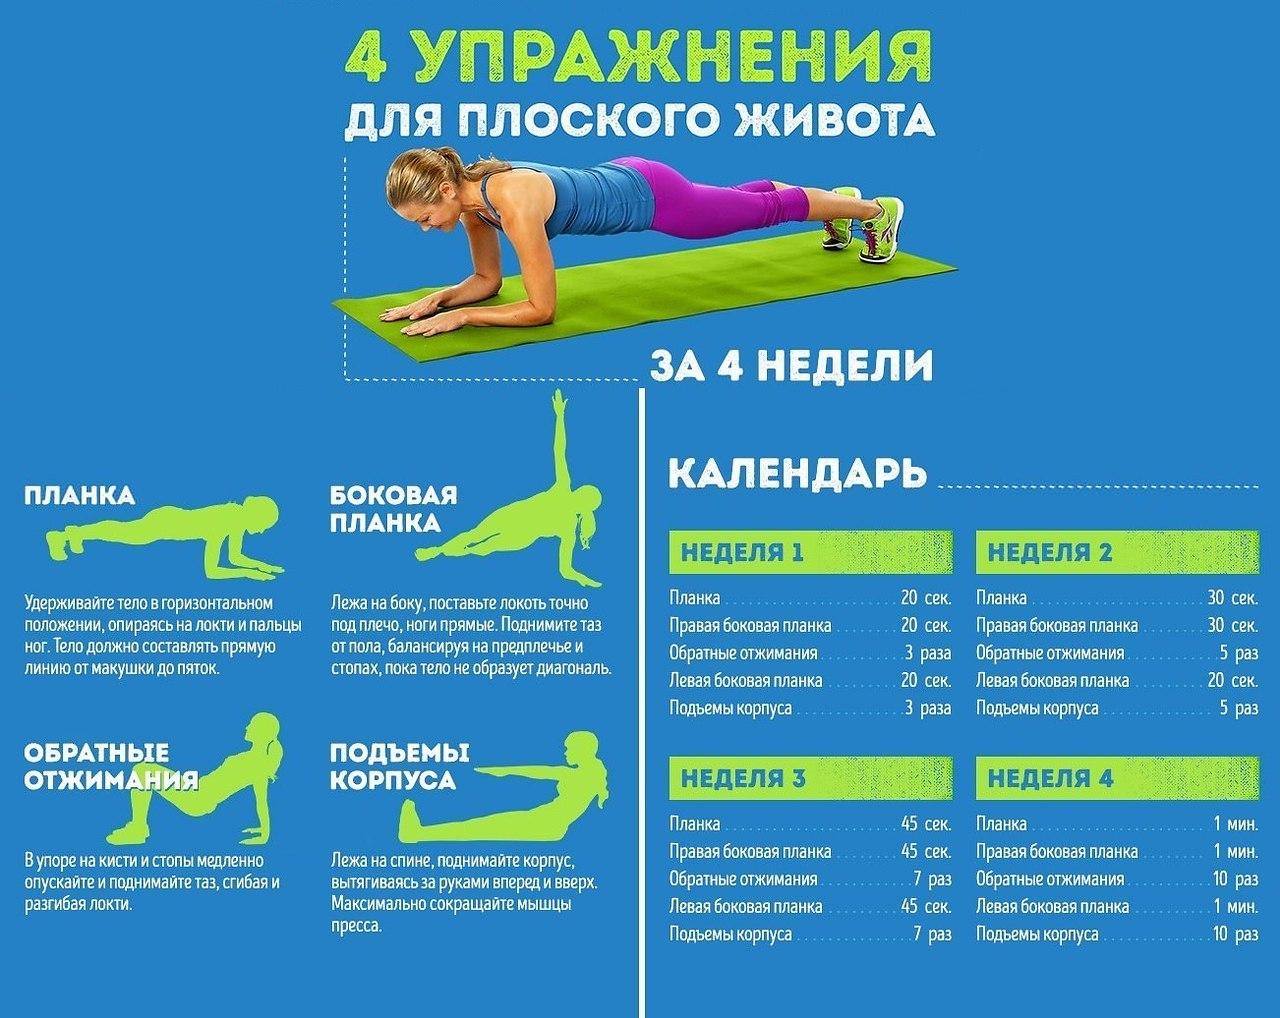 Занятия Чтобы Сбросить Вес. 11 упражнений, помогающих легко сбросить лишний вес